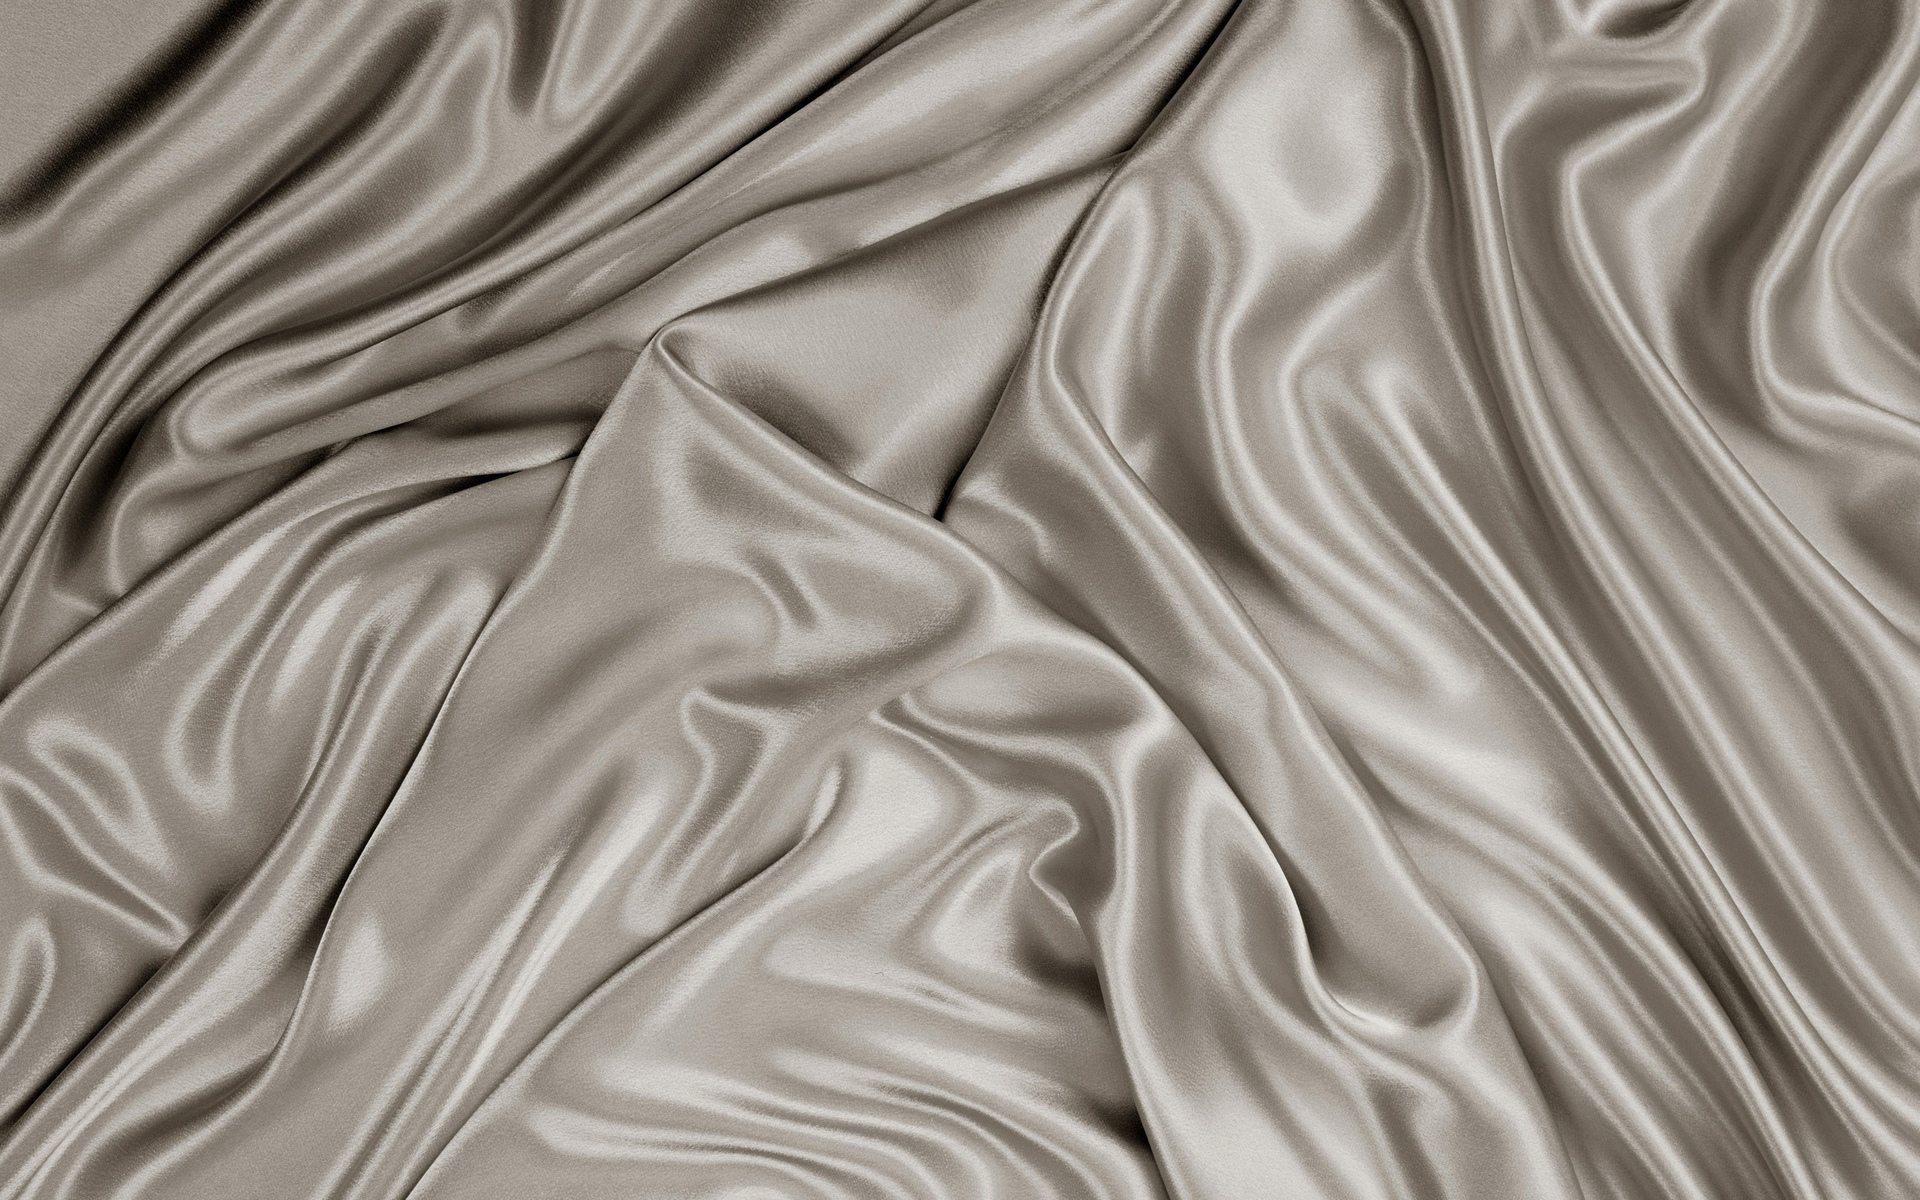 Как гладить одежду из натурального шелка